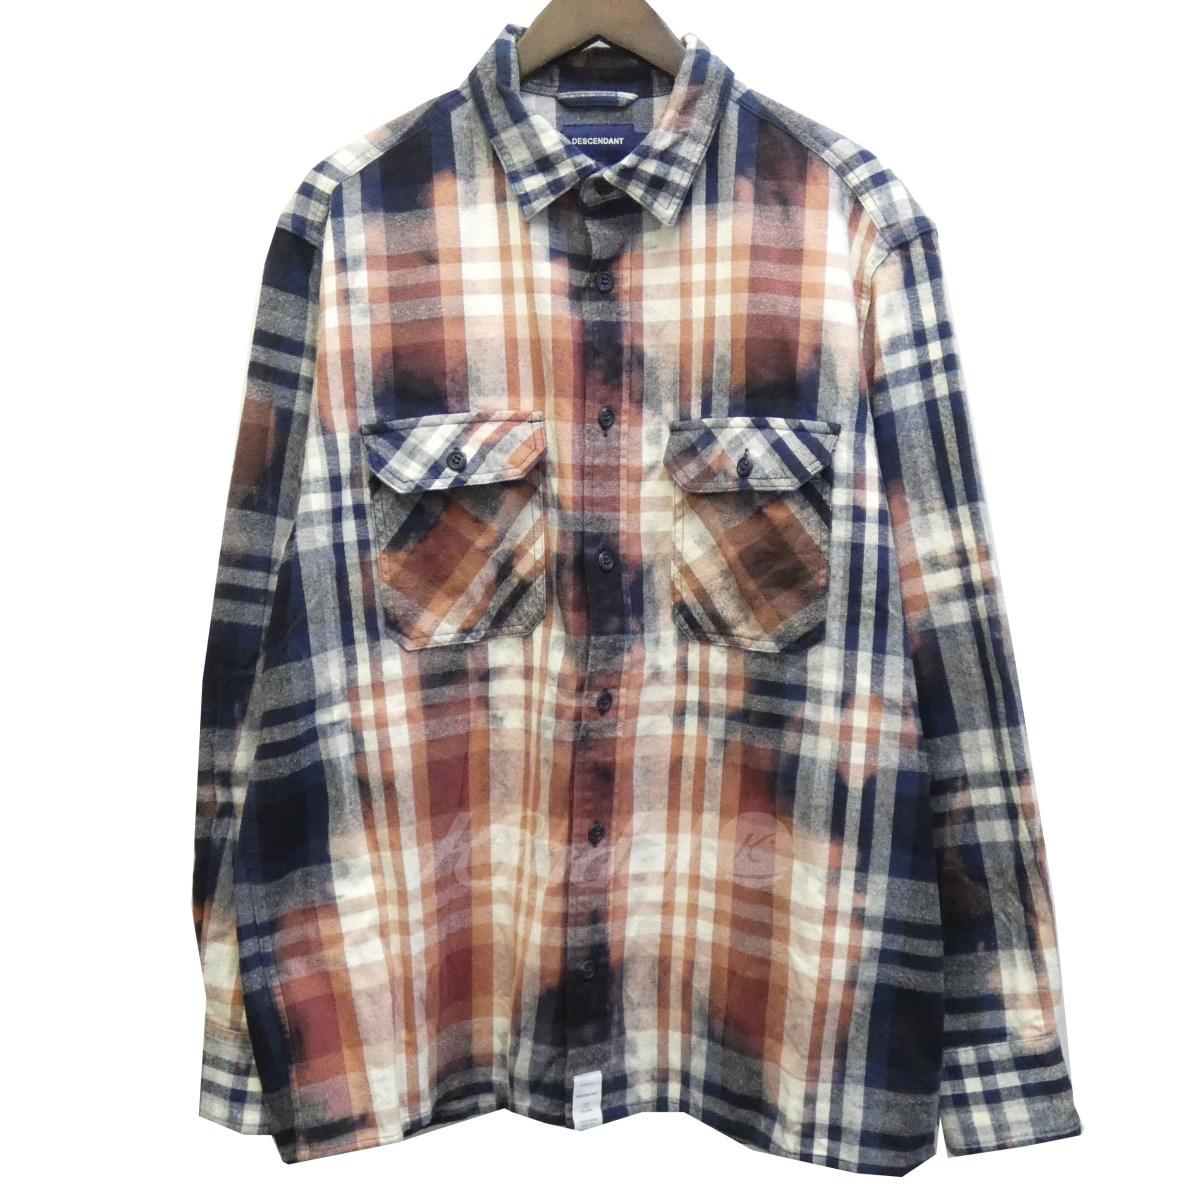 【中古】DESCENDANT 18SS 「MOSS/CHECKER LS SHIRT」ブリーチチェックネルシャツ 【送料無料】 【114984】 【KIND1550】